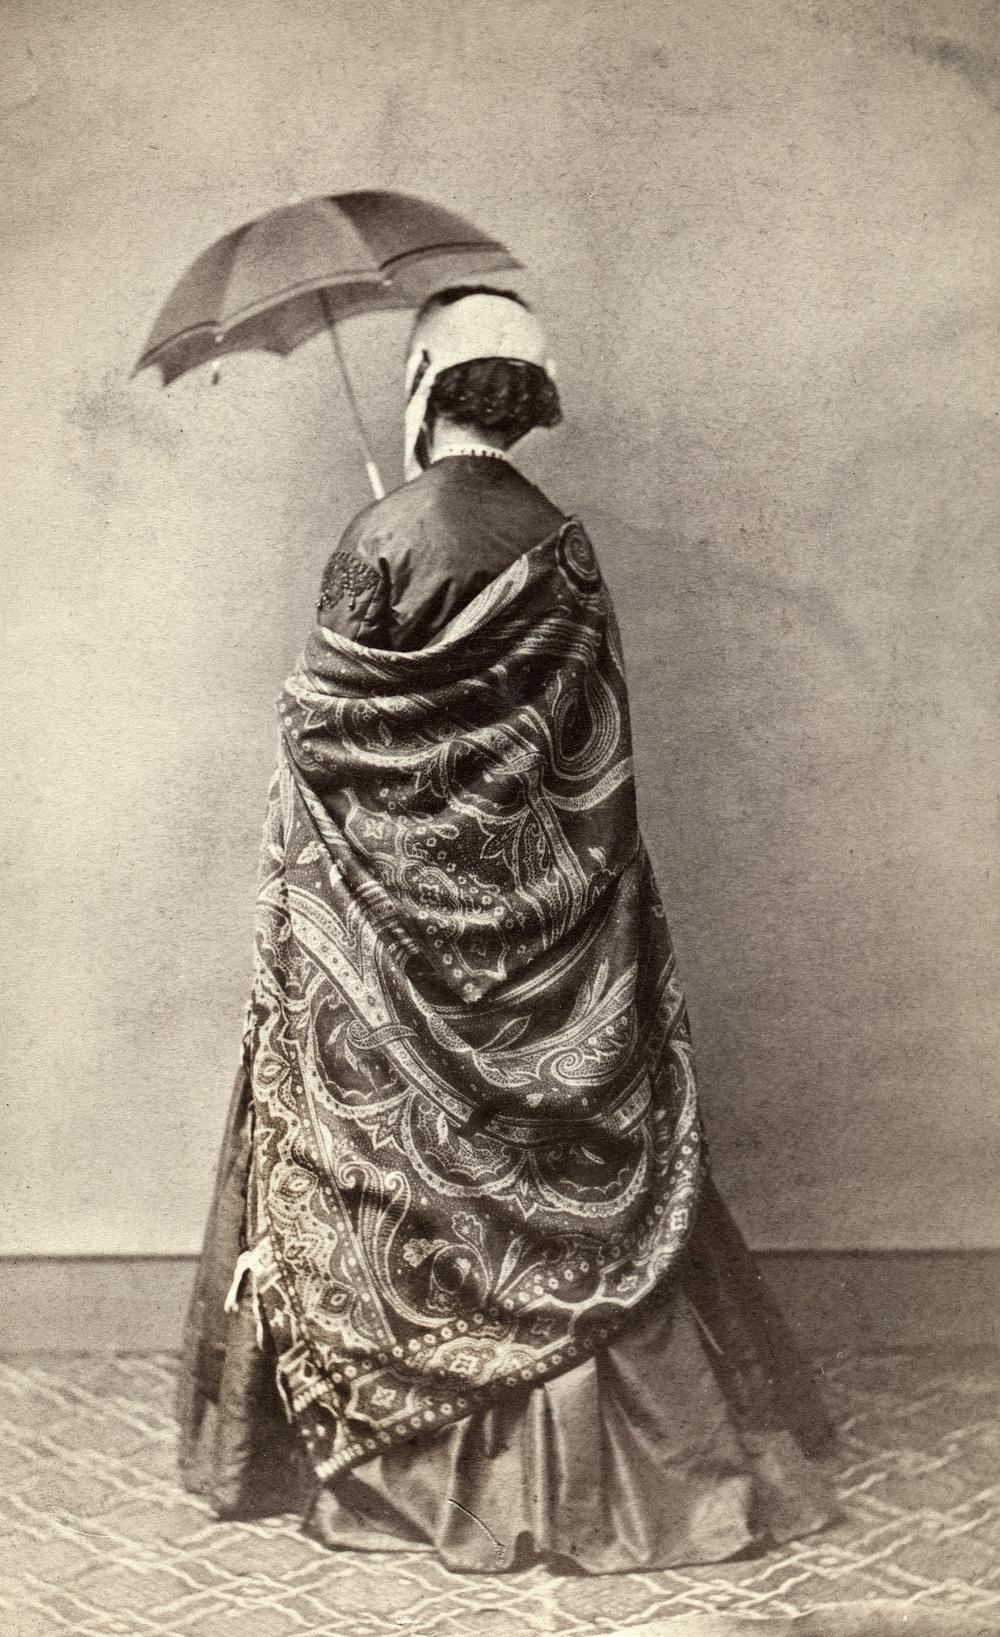 """Fotografi från 1860-talet med en kvinna i stor, mönstrad schal, mörk sidenklänning, ljus hätta med svart spets och parasoll. Enligt texten på baksidan vägrade hon att visa sitt ansikte: """"alla böner och öfvertalningsförsök otillräckliga"""".                                                                                                                 Fotograf Hilda Thysenius, Ronneby, 1860-talet. Gåva av Annie Olins sterbhus 1961.  Albuminsilverfotografi monterat på kartong. Visitkort."""